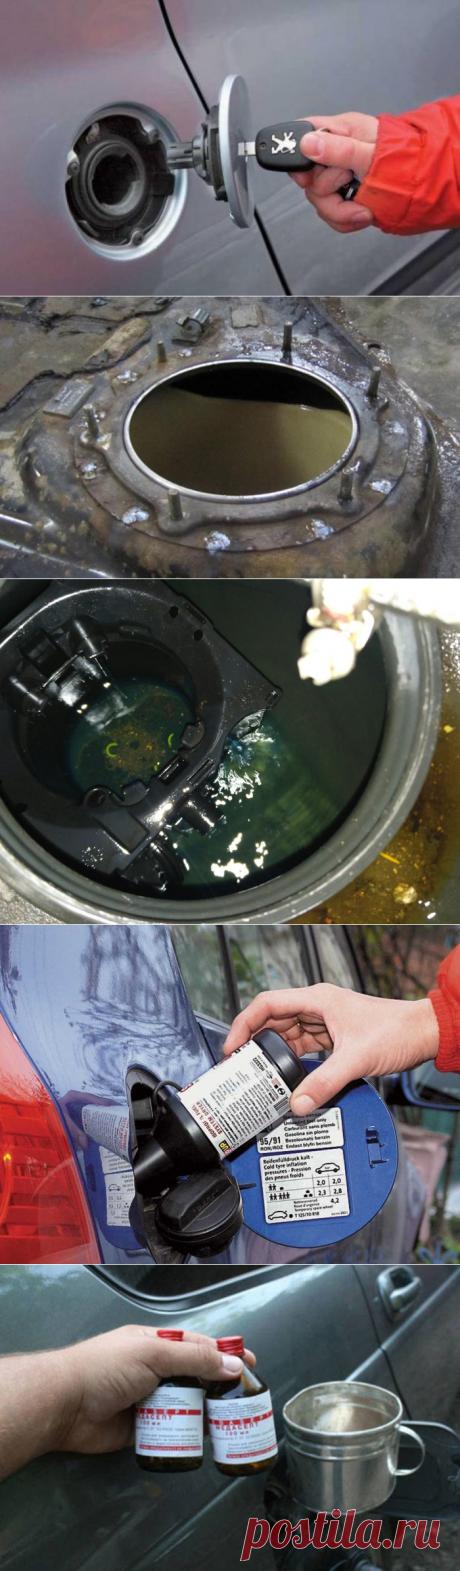 Как без лишних хлопот удалить воду из бензобака автомобиля — Лайфхаки